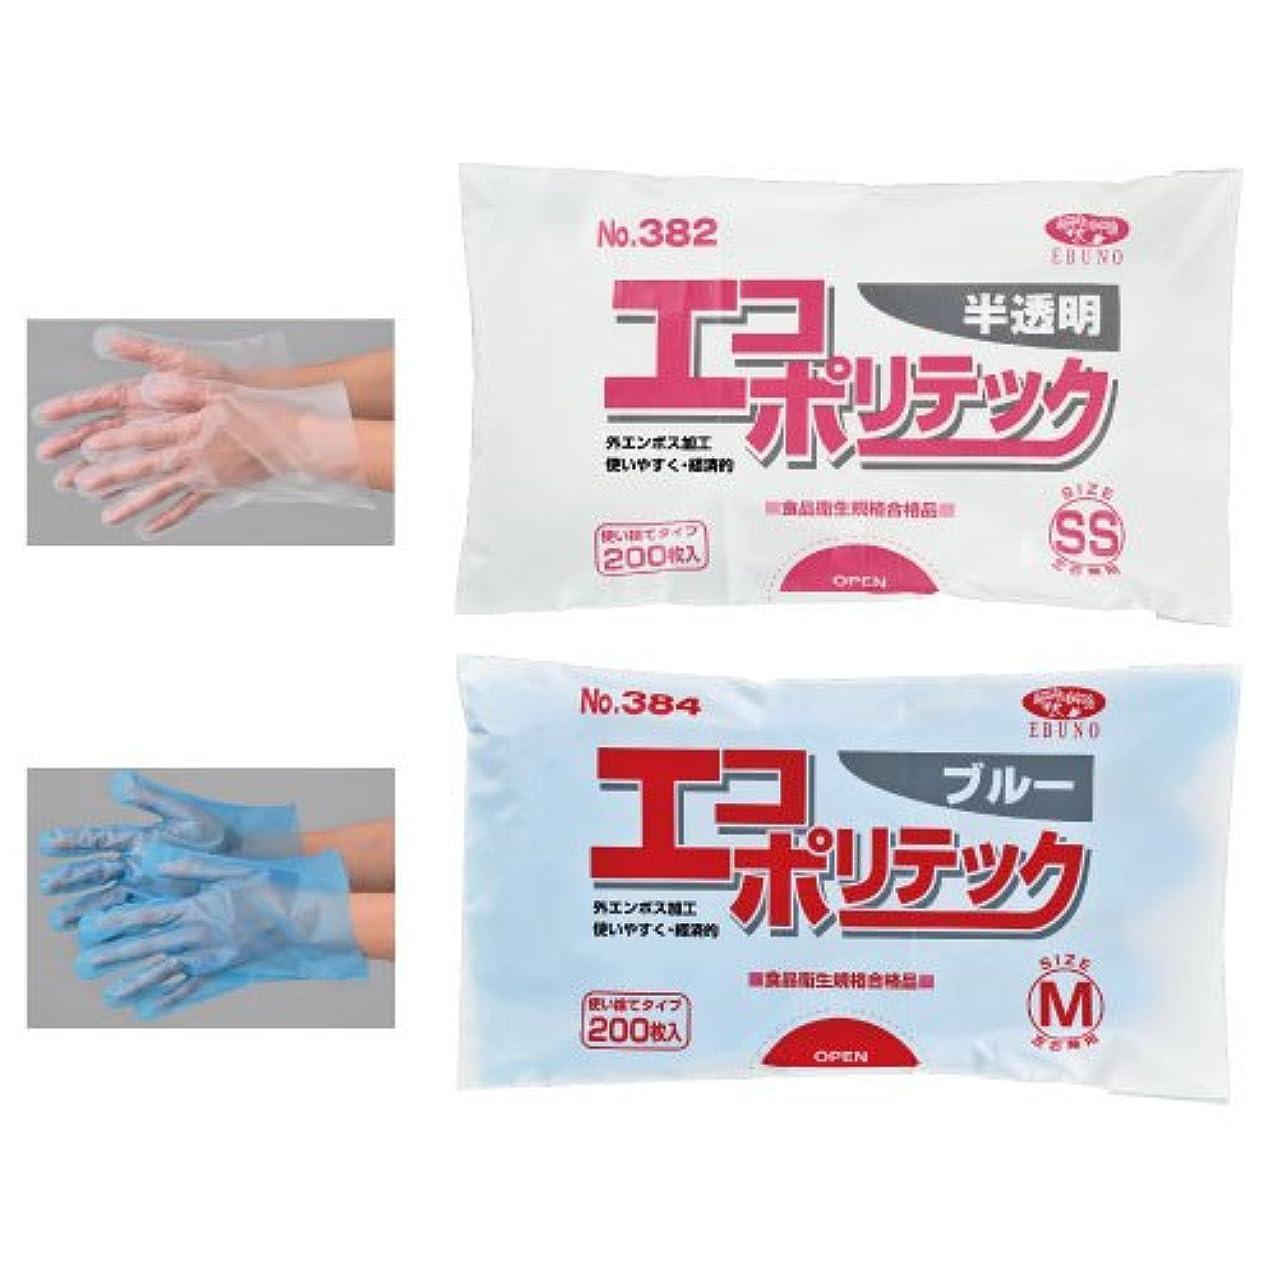 横たわるニュージーランド外出エブノ ポリエチレン手袋 No.382 L 半透明 (200枚×30袋) エコポリテック 袋入